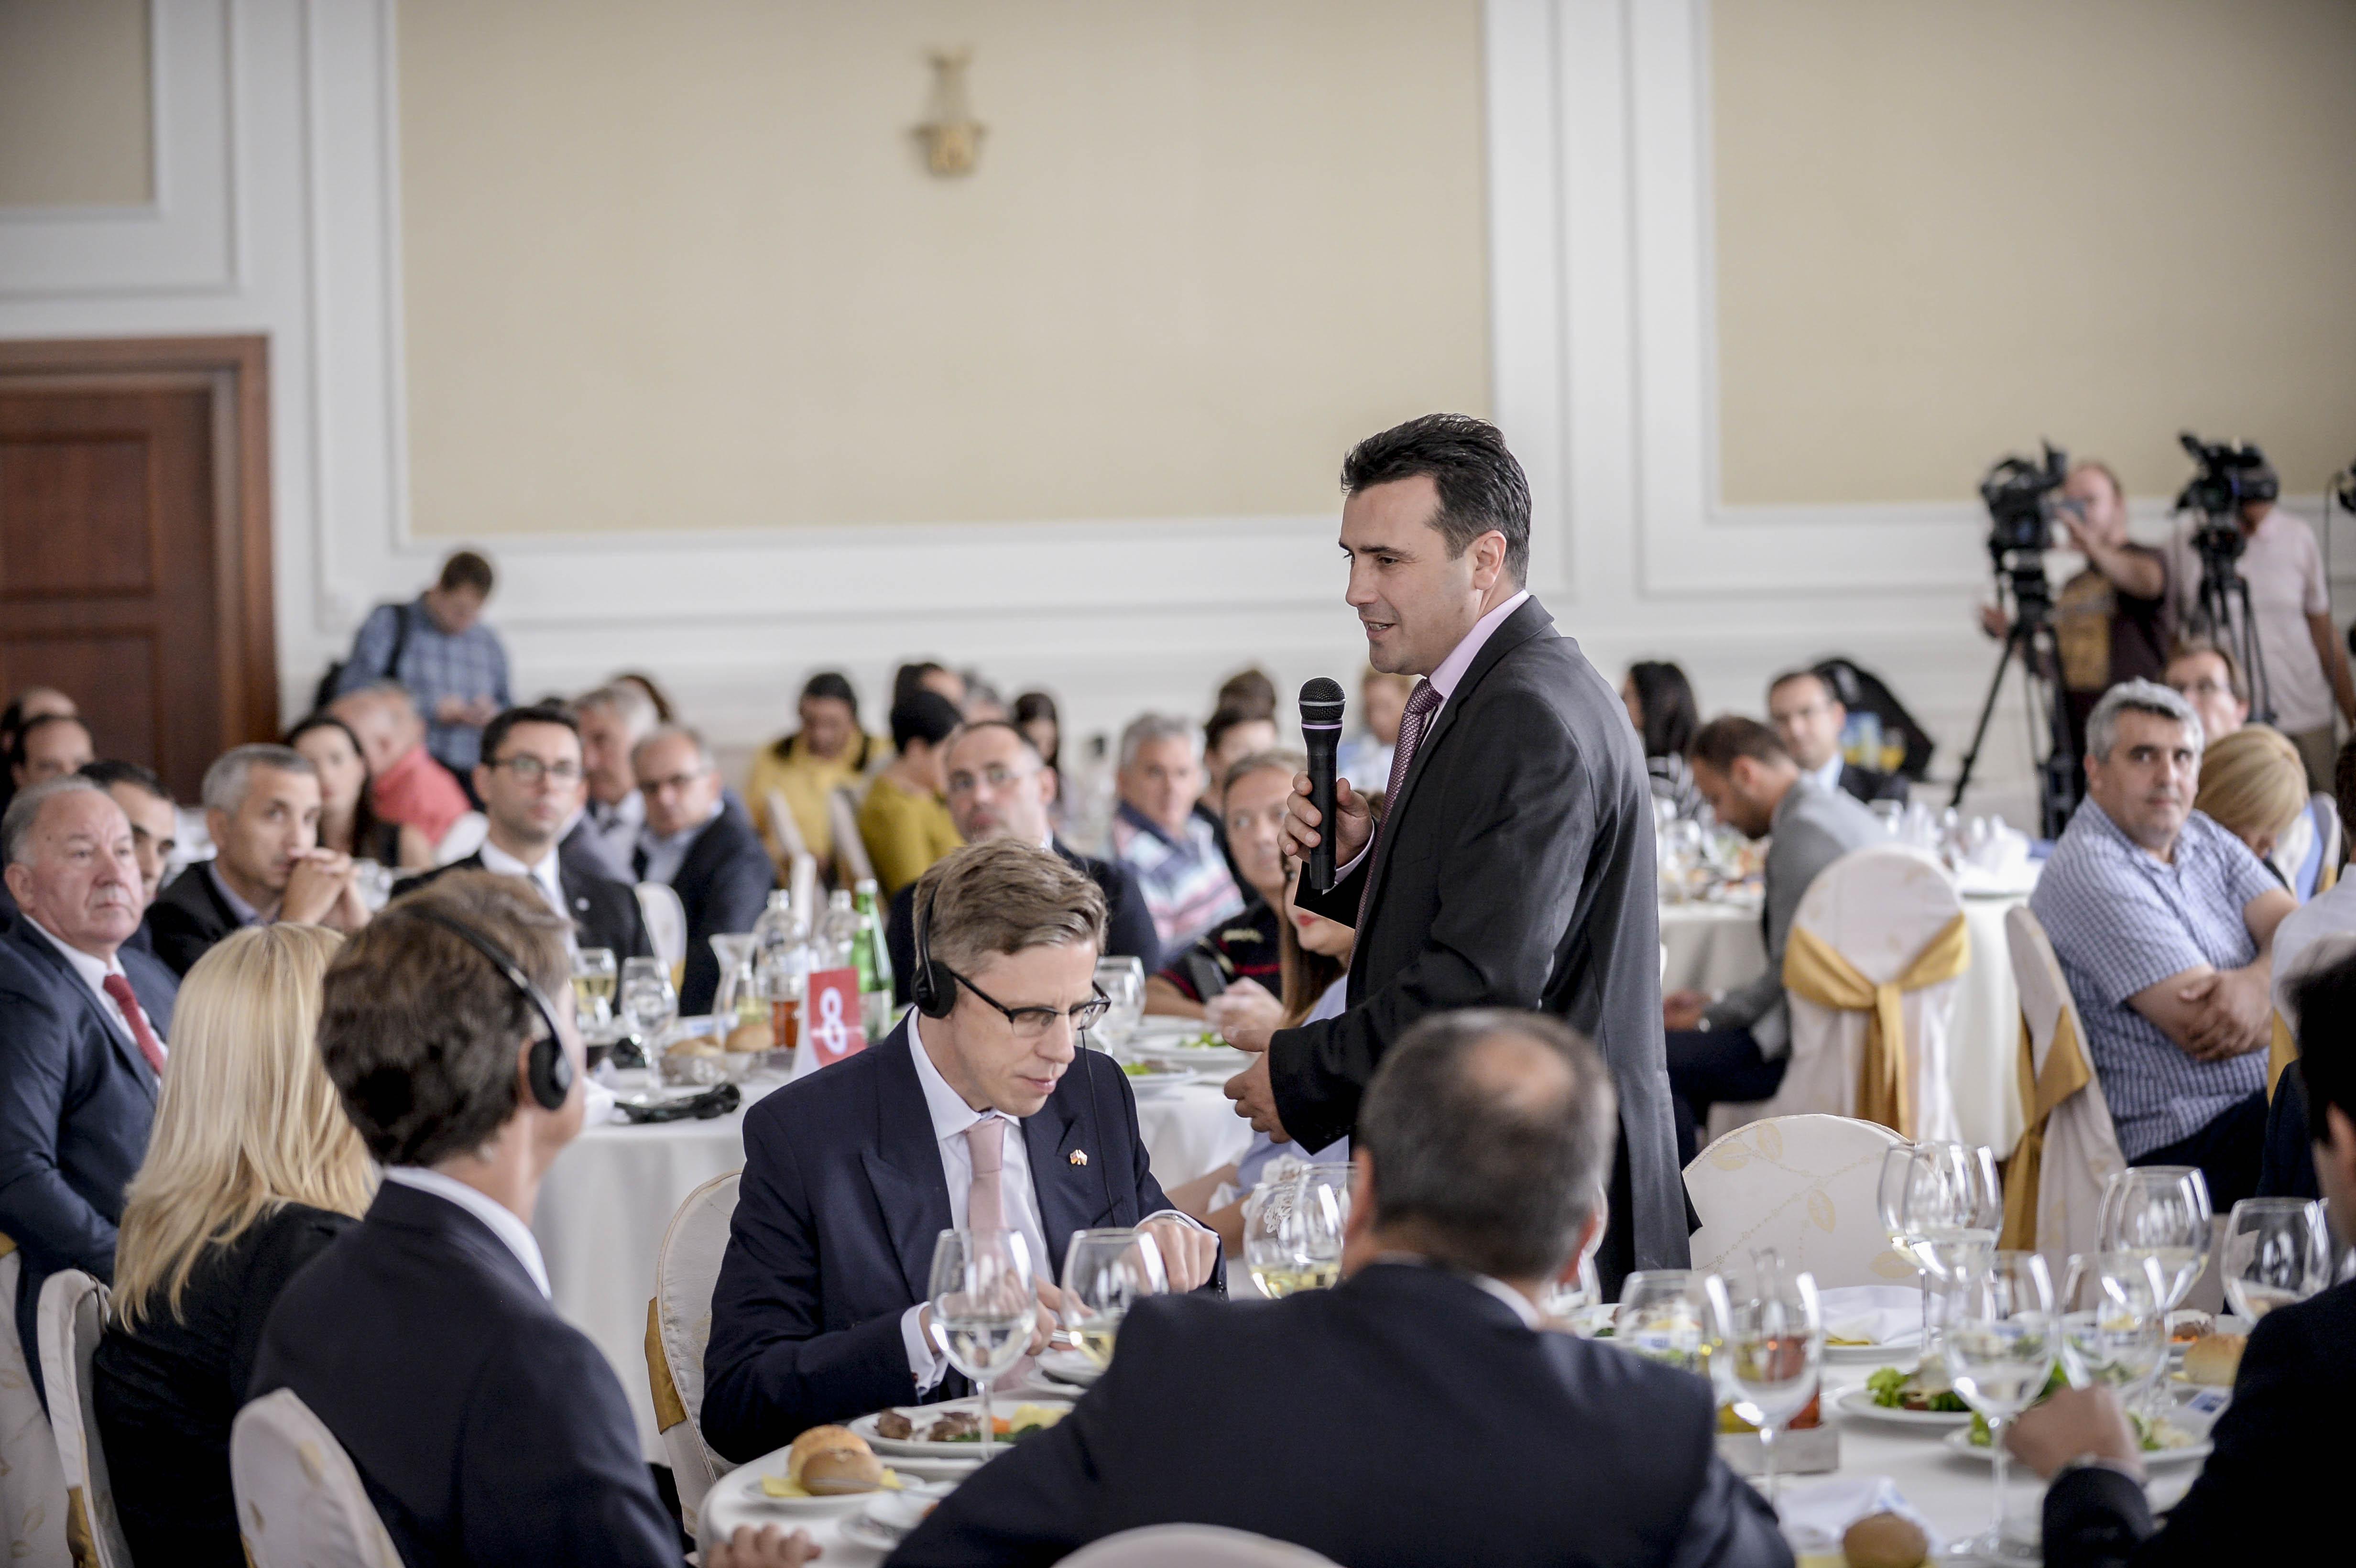 Владата на РМ промовира програми за нови инвестиции и за раст на компаниите